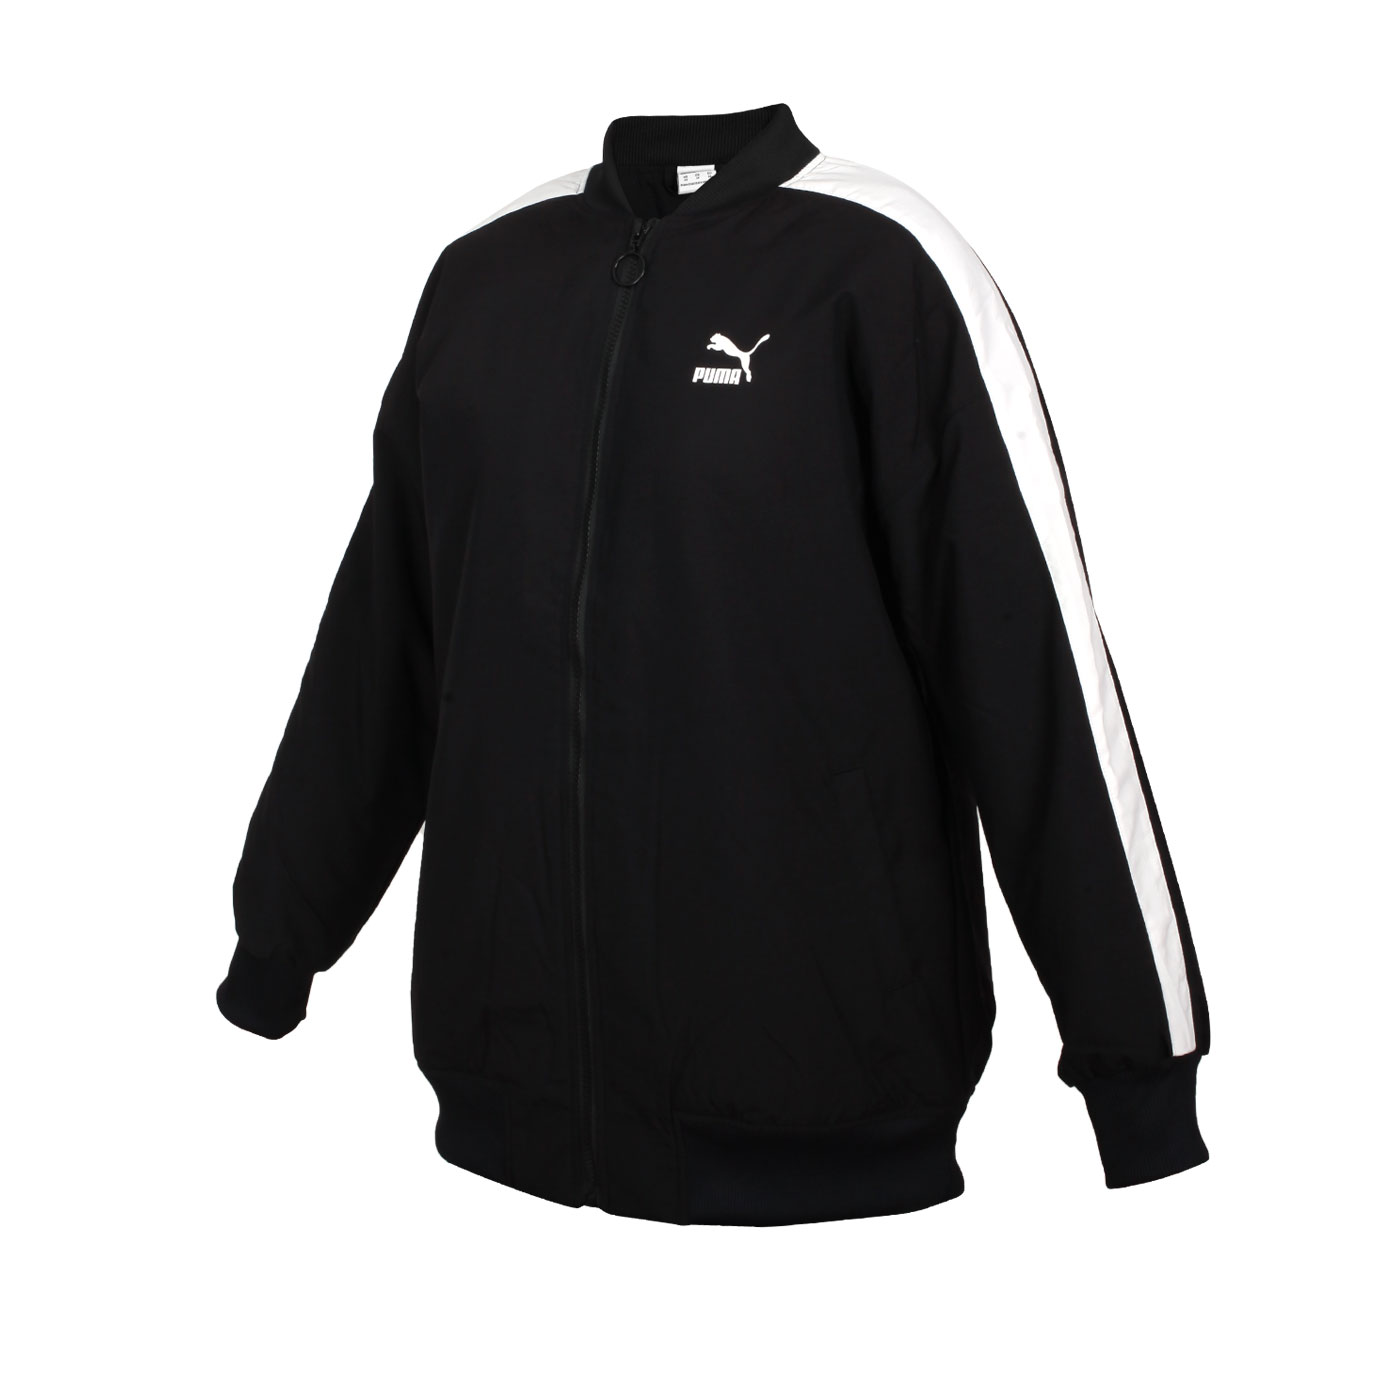 PUMA 女款立領棒球外套 53027501 - 黑白